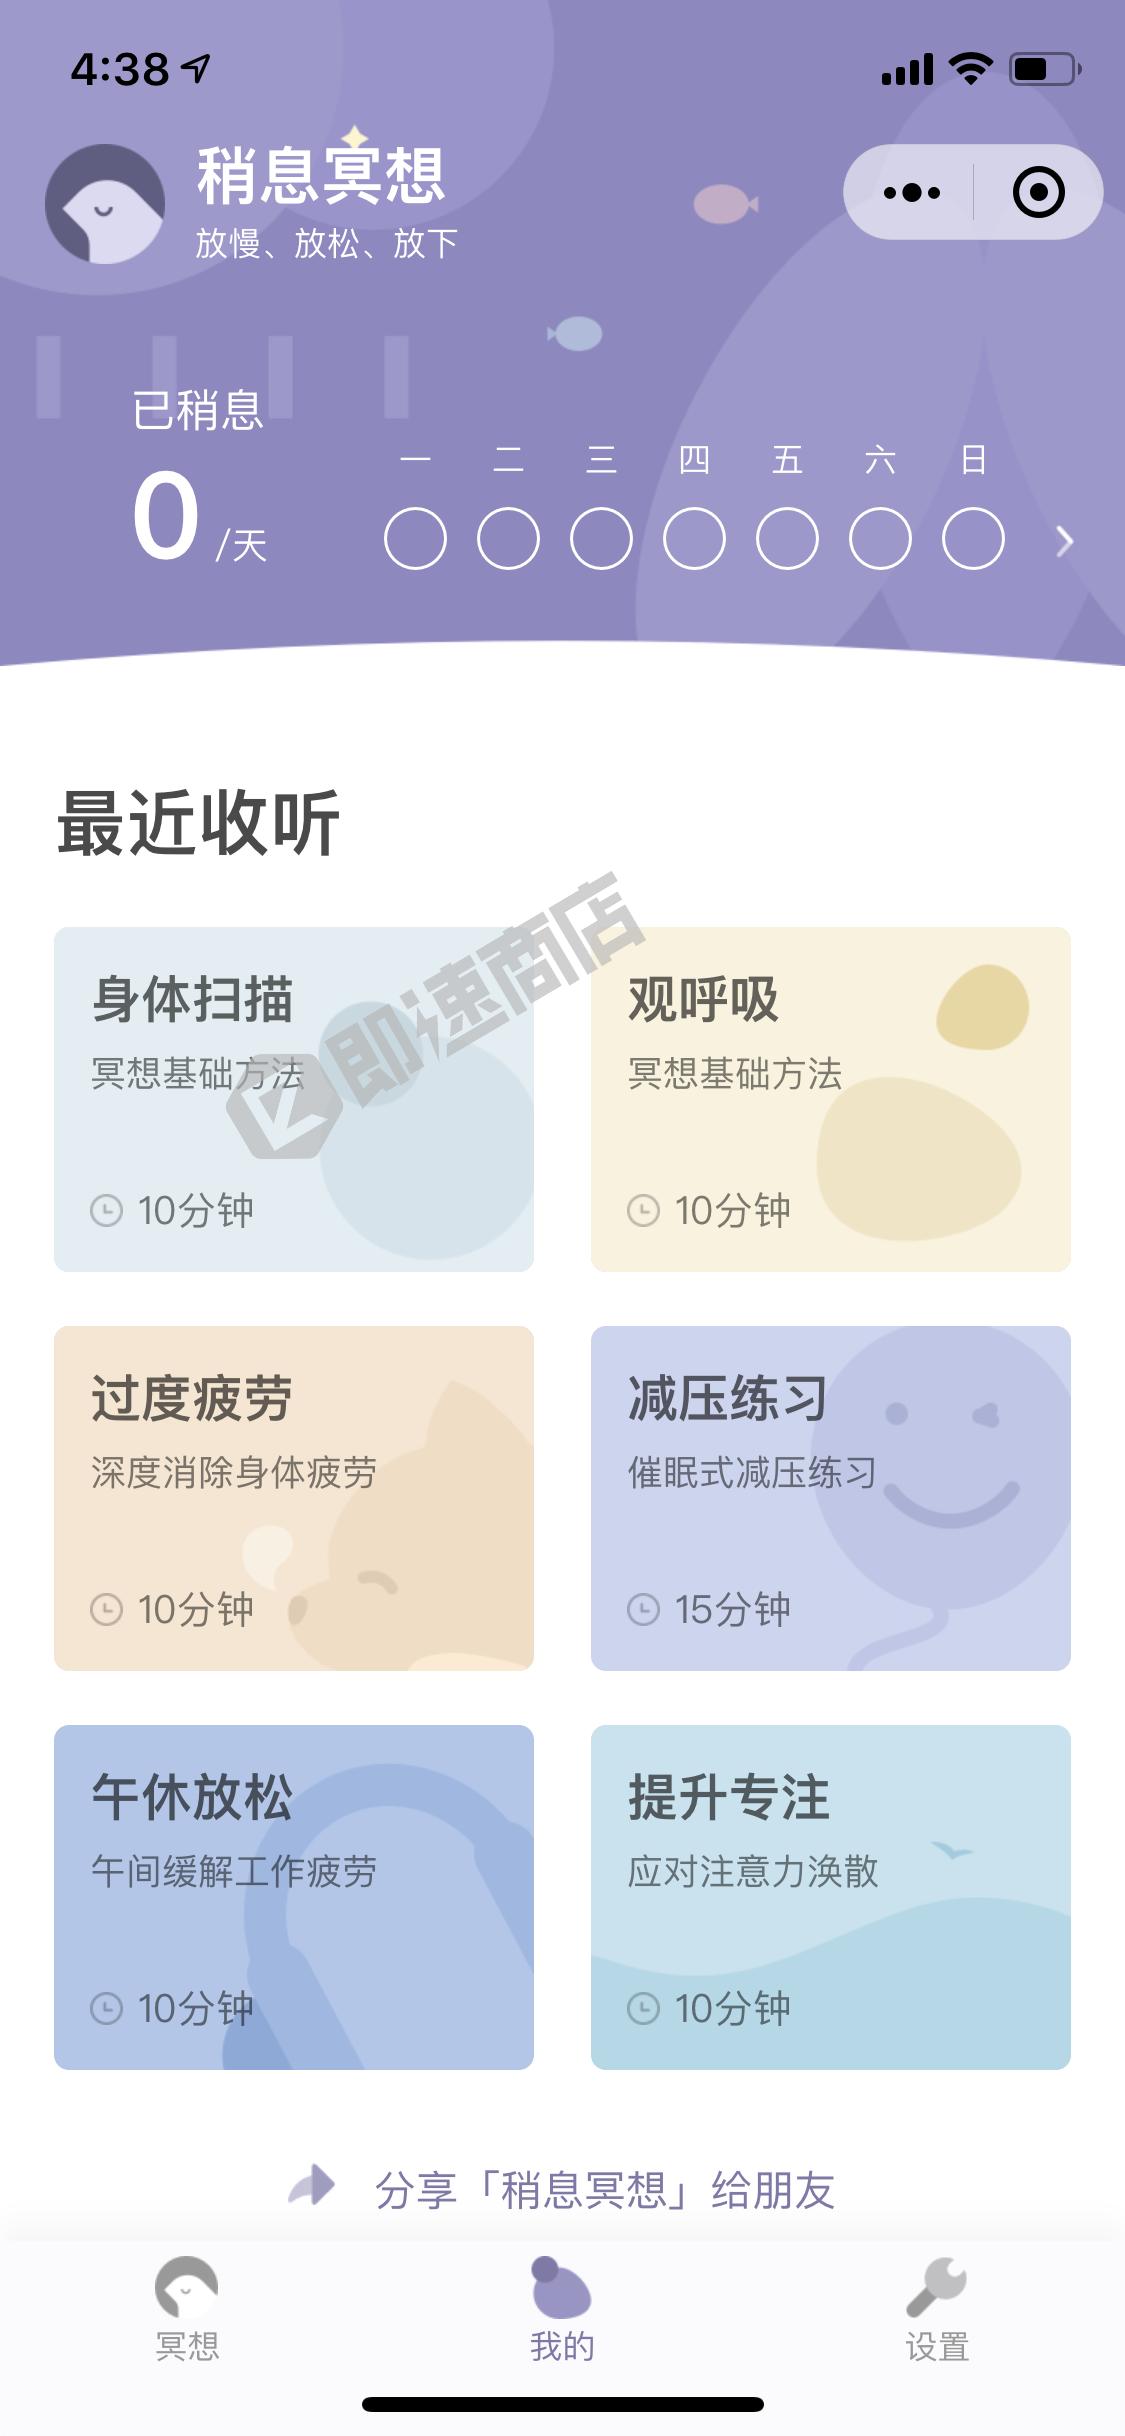 稍息冥想by壹心理小程序详情页截图2